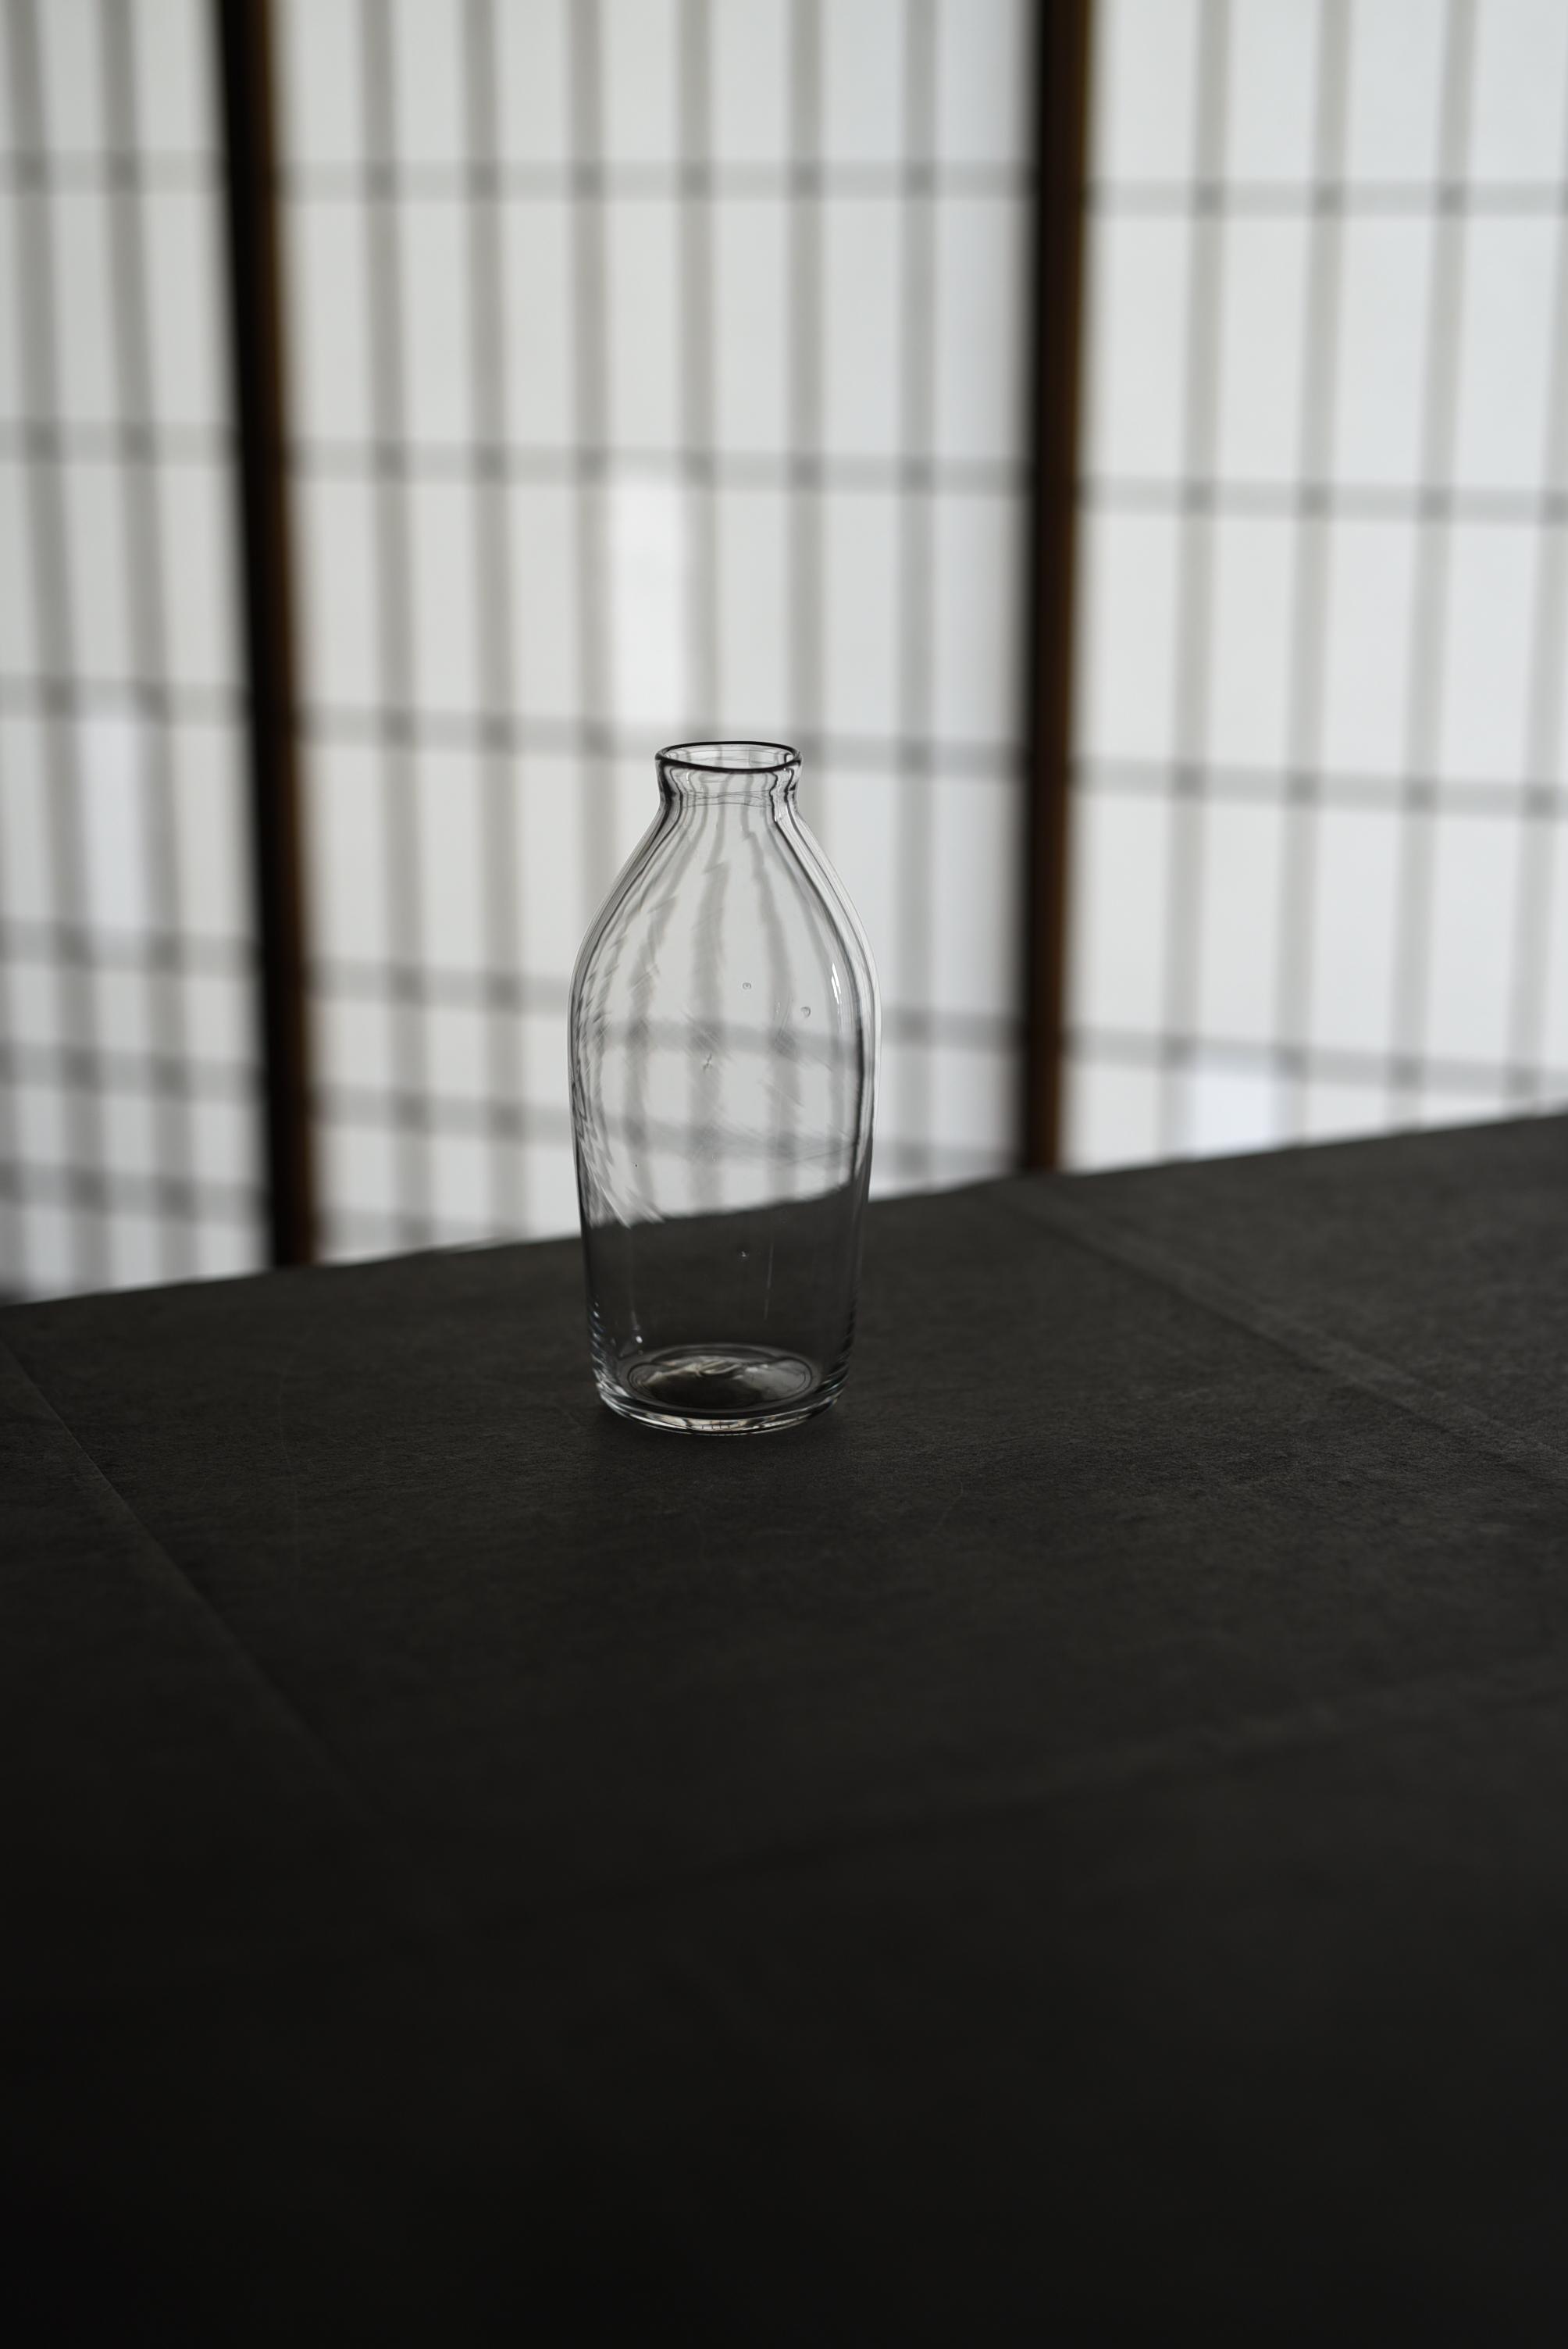 艸田正樹 水のトルソL t-L